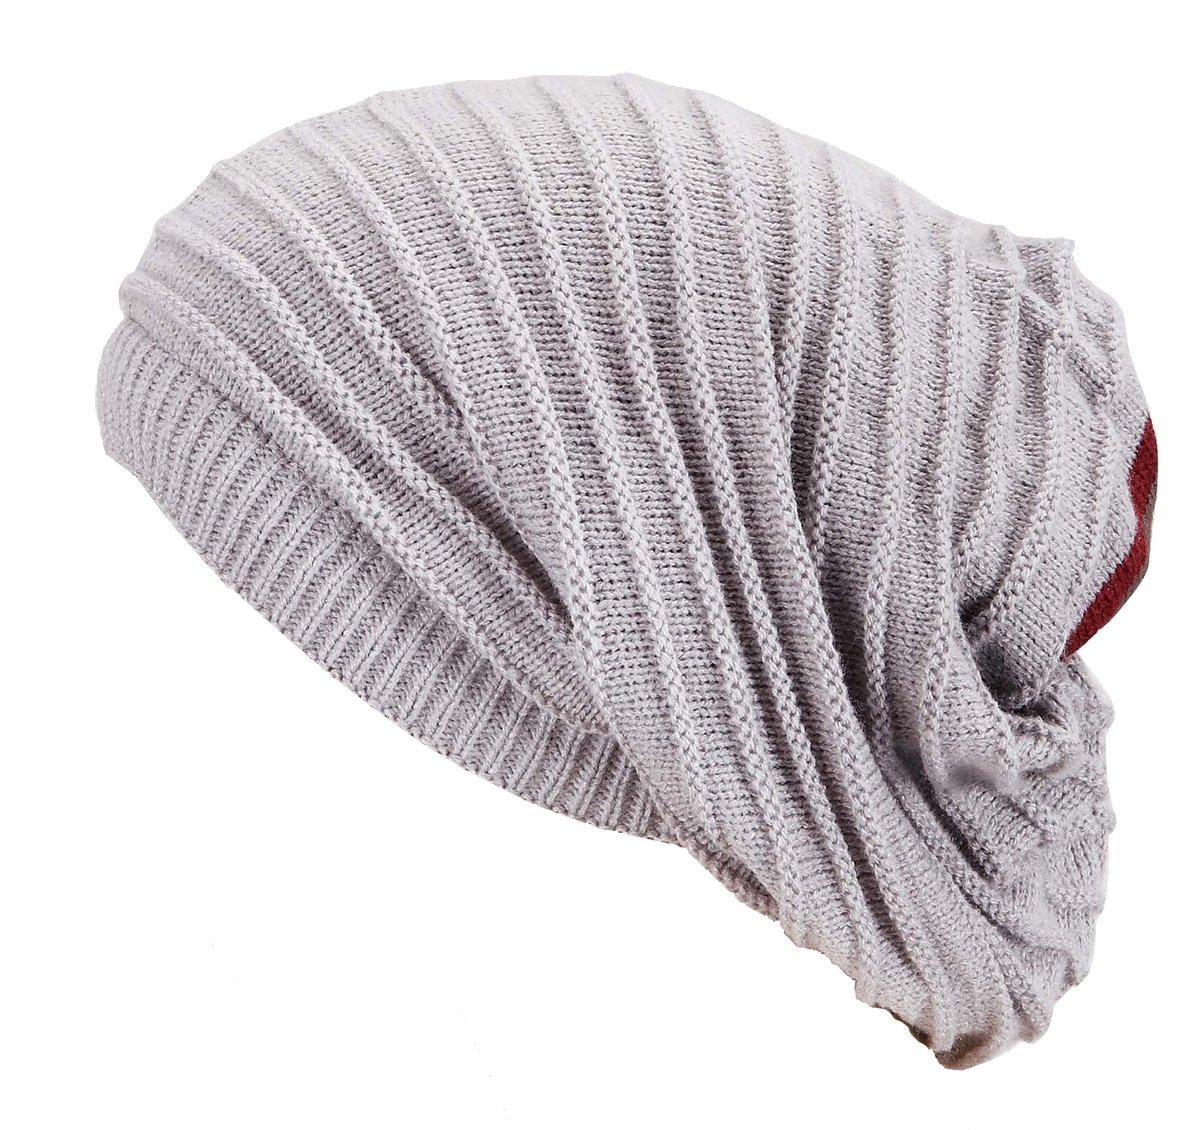 Manon Loop Scarf Buff et Bonnet long dans un - long cou surdimensionné Bonnet d'hiver bonnet de ski de snowboard oversize chaude écharpe de chapeau hommes et les femmes unisexe hiver Automne / Hiver 2013/14 (gris clair)